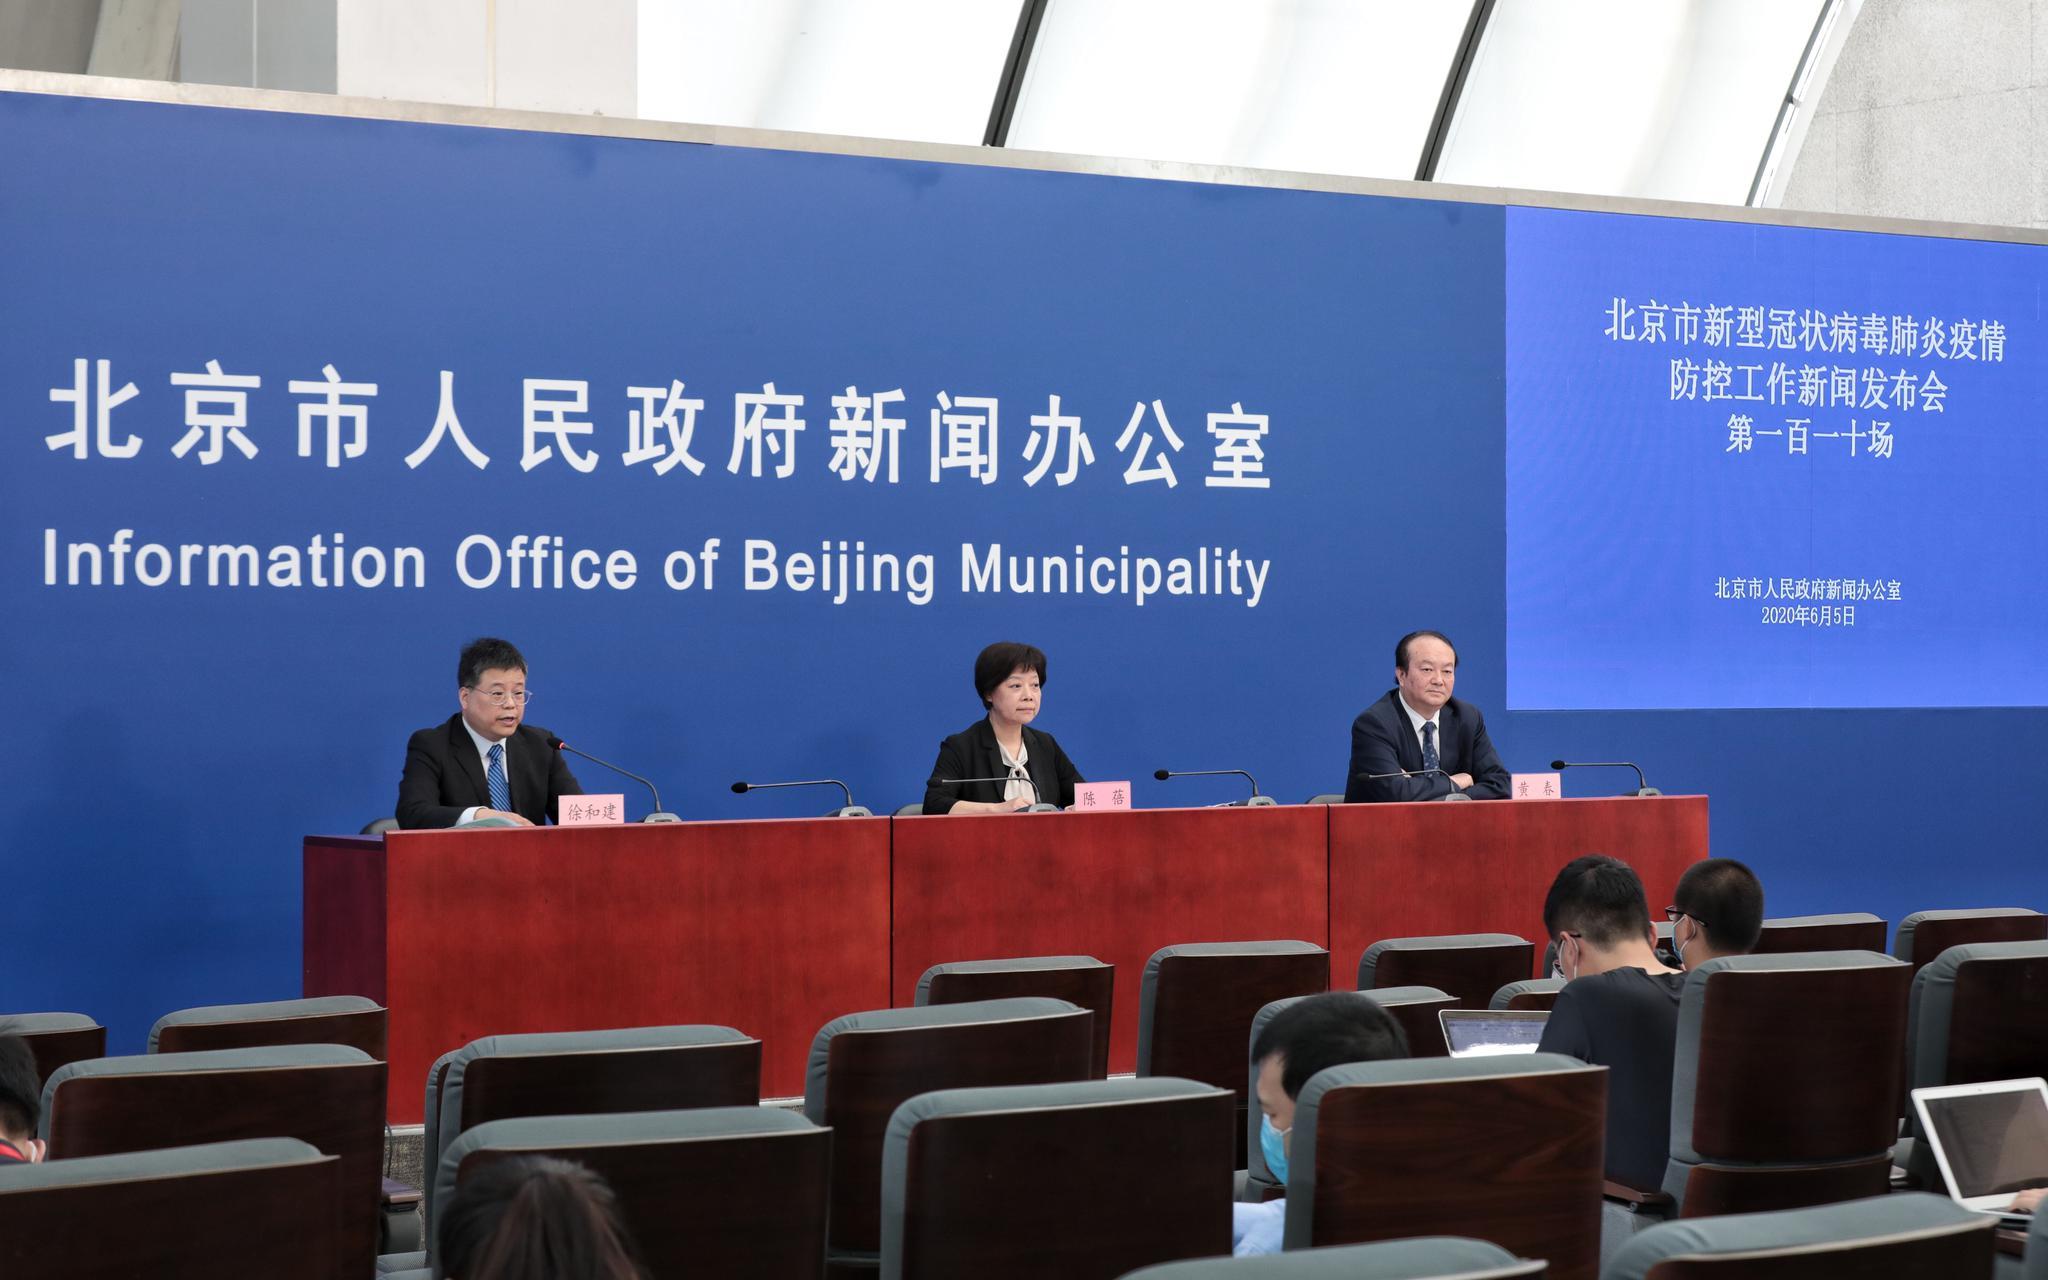 北京仍有境外、京外输入风险 不排除局部聚集性疫情可能图片